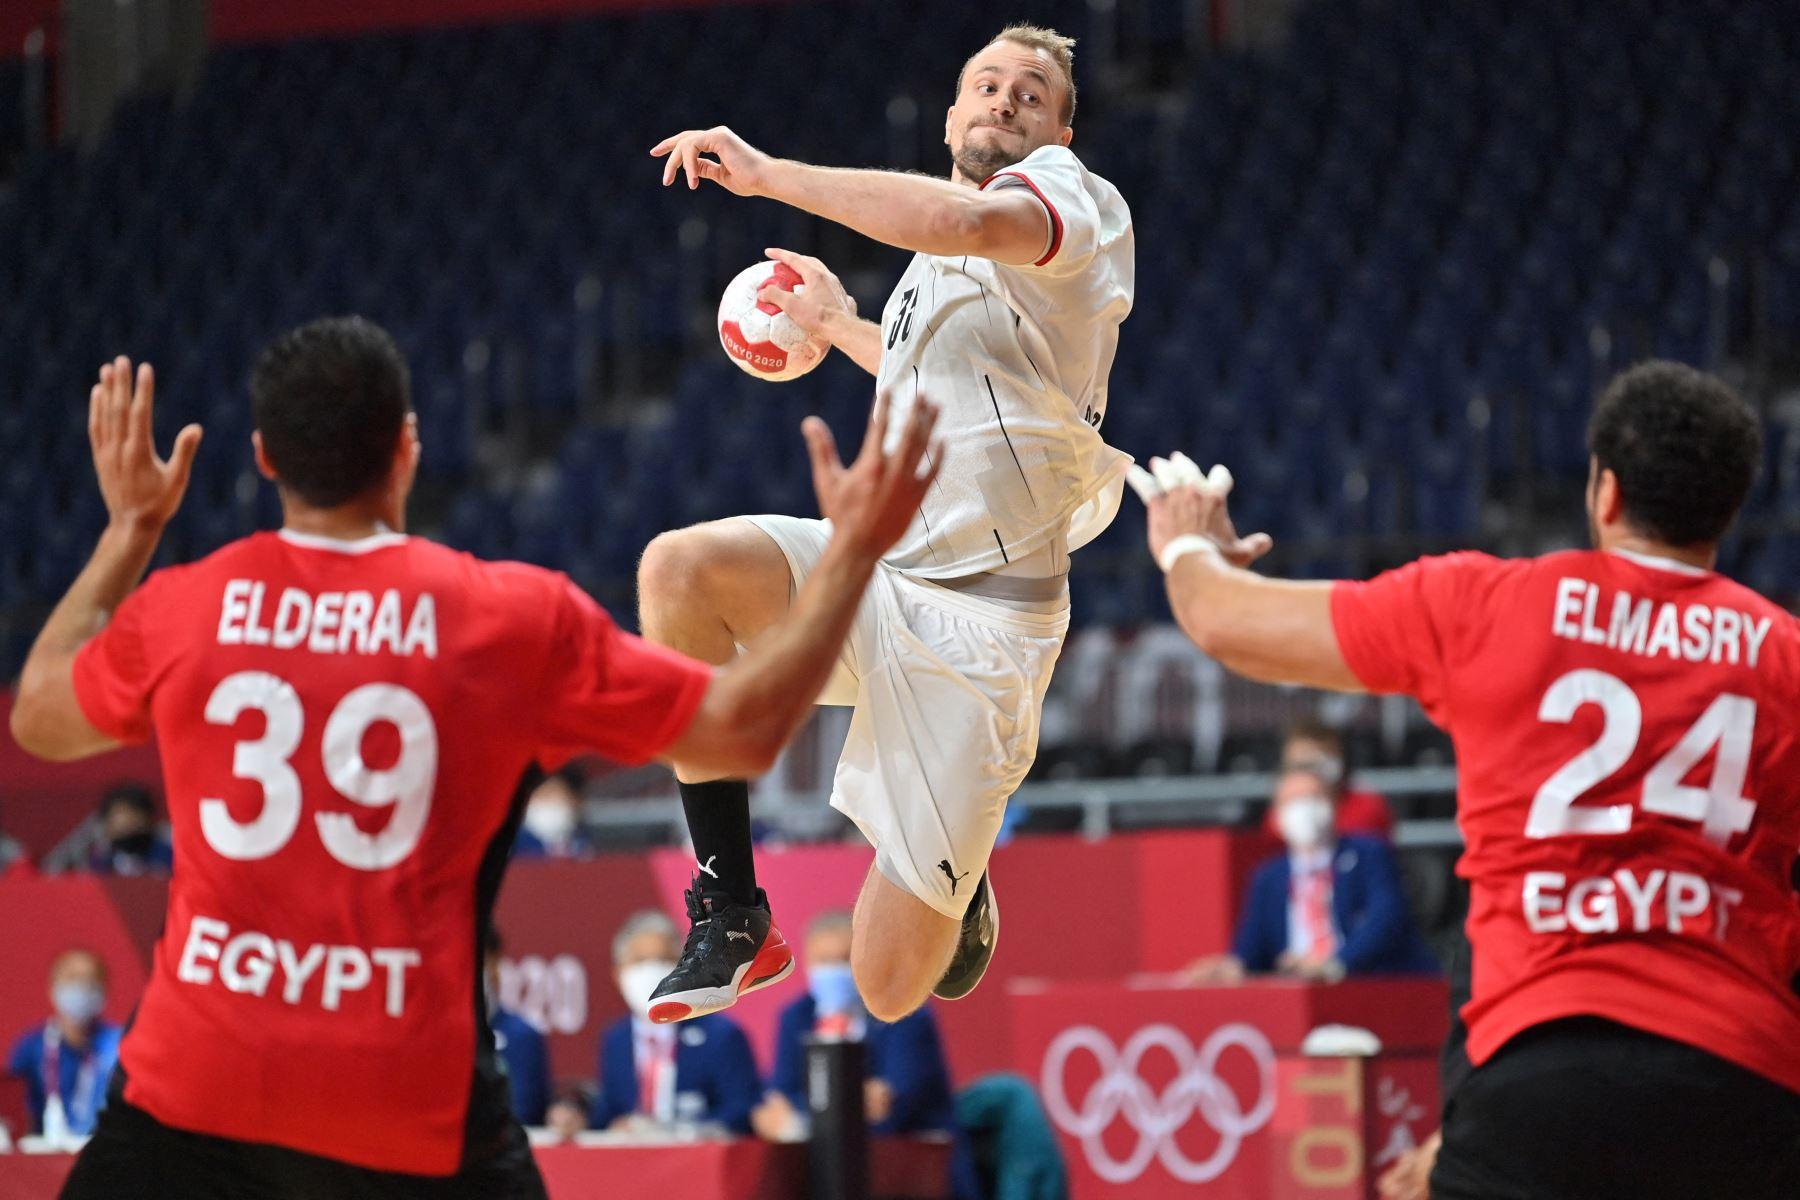 El lateral izquierdo alemán Julius Kuhn (C) salta para disparar durante el partido de balonmano masculino de cuartos de final entre Alemania y Egipto de los Juegos Olímpicos de Tokio 2020.  Foto: AFP